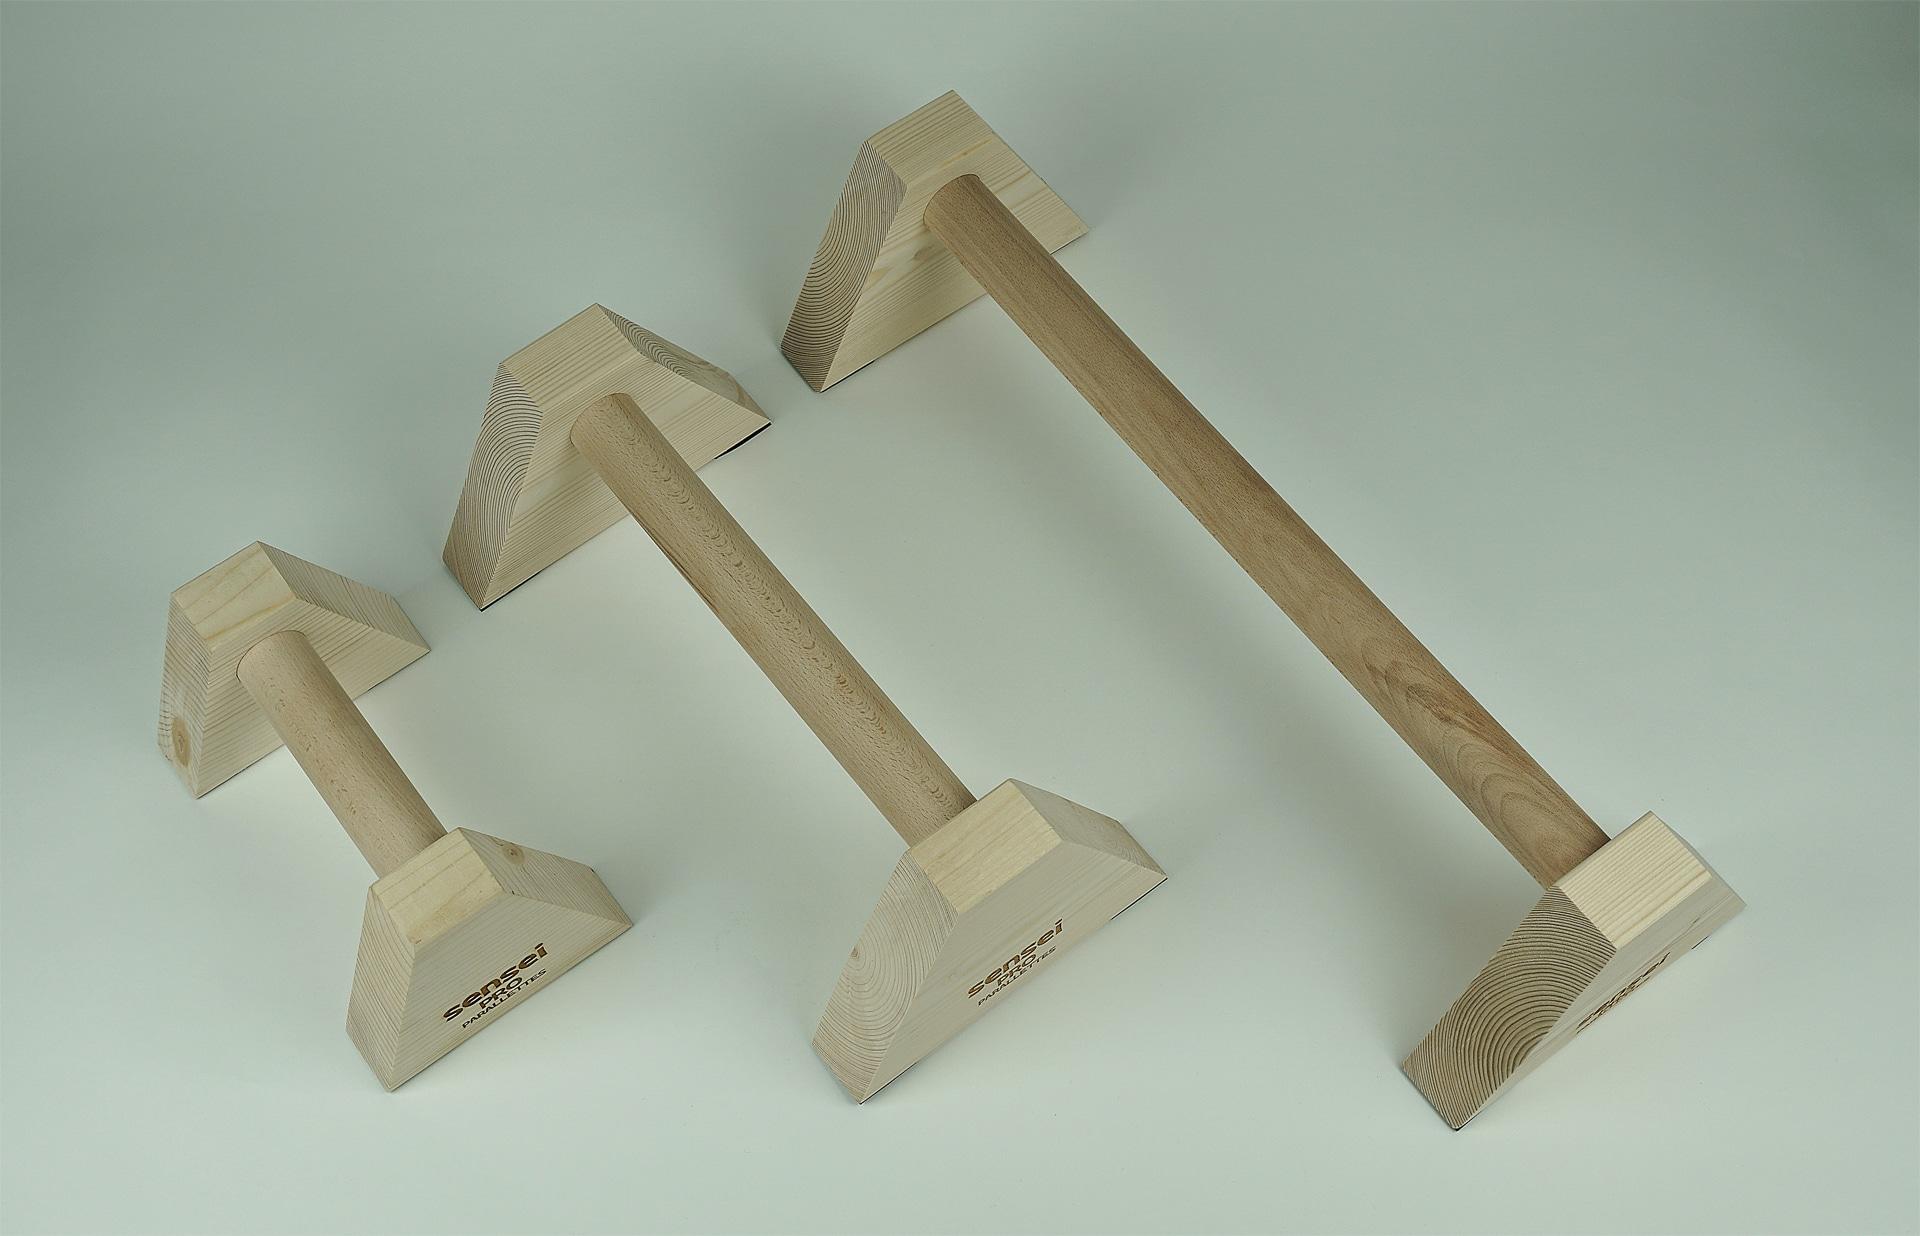 Paraletki Sensei - MINI 25 cm, MIDI 40 cm, MAXI 60 cm